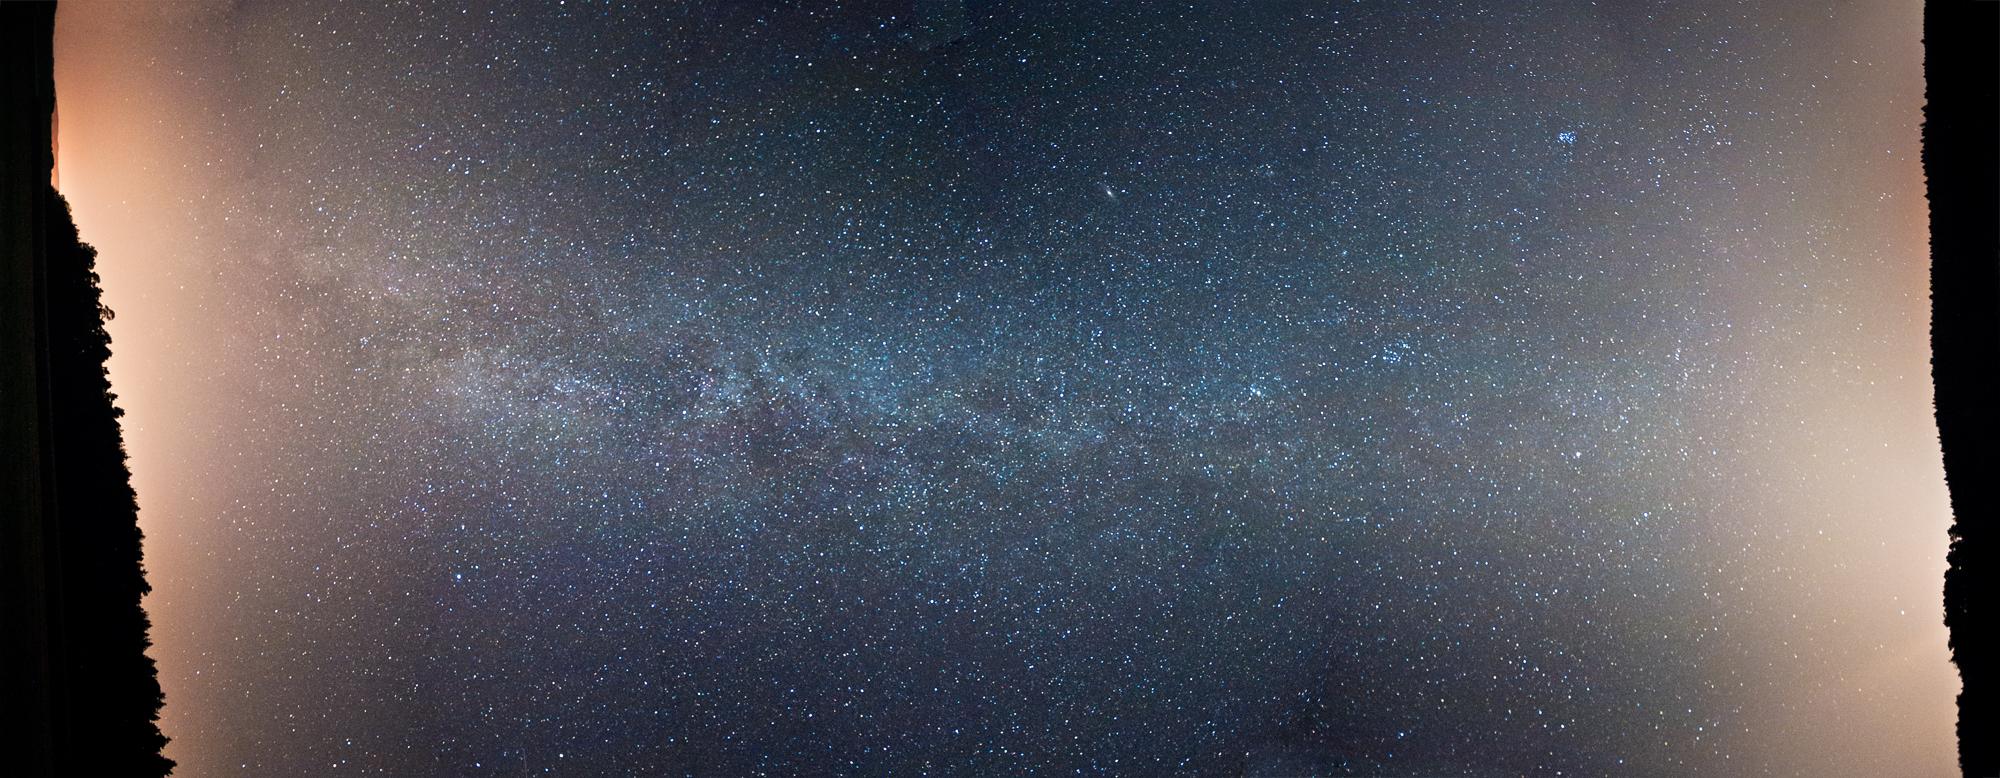 Milchstraße trifft Lichtverschmutzung